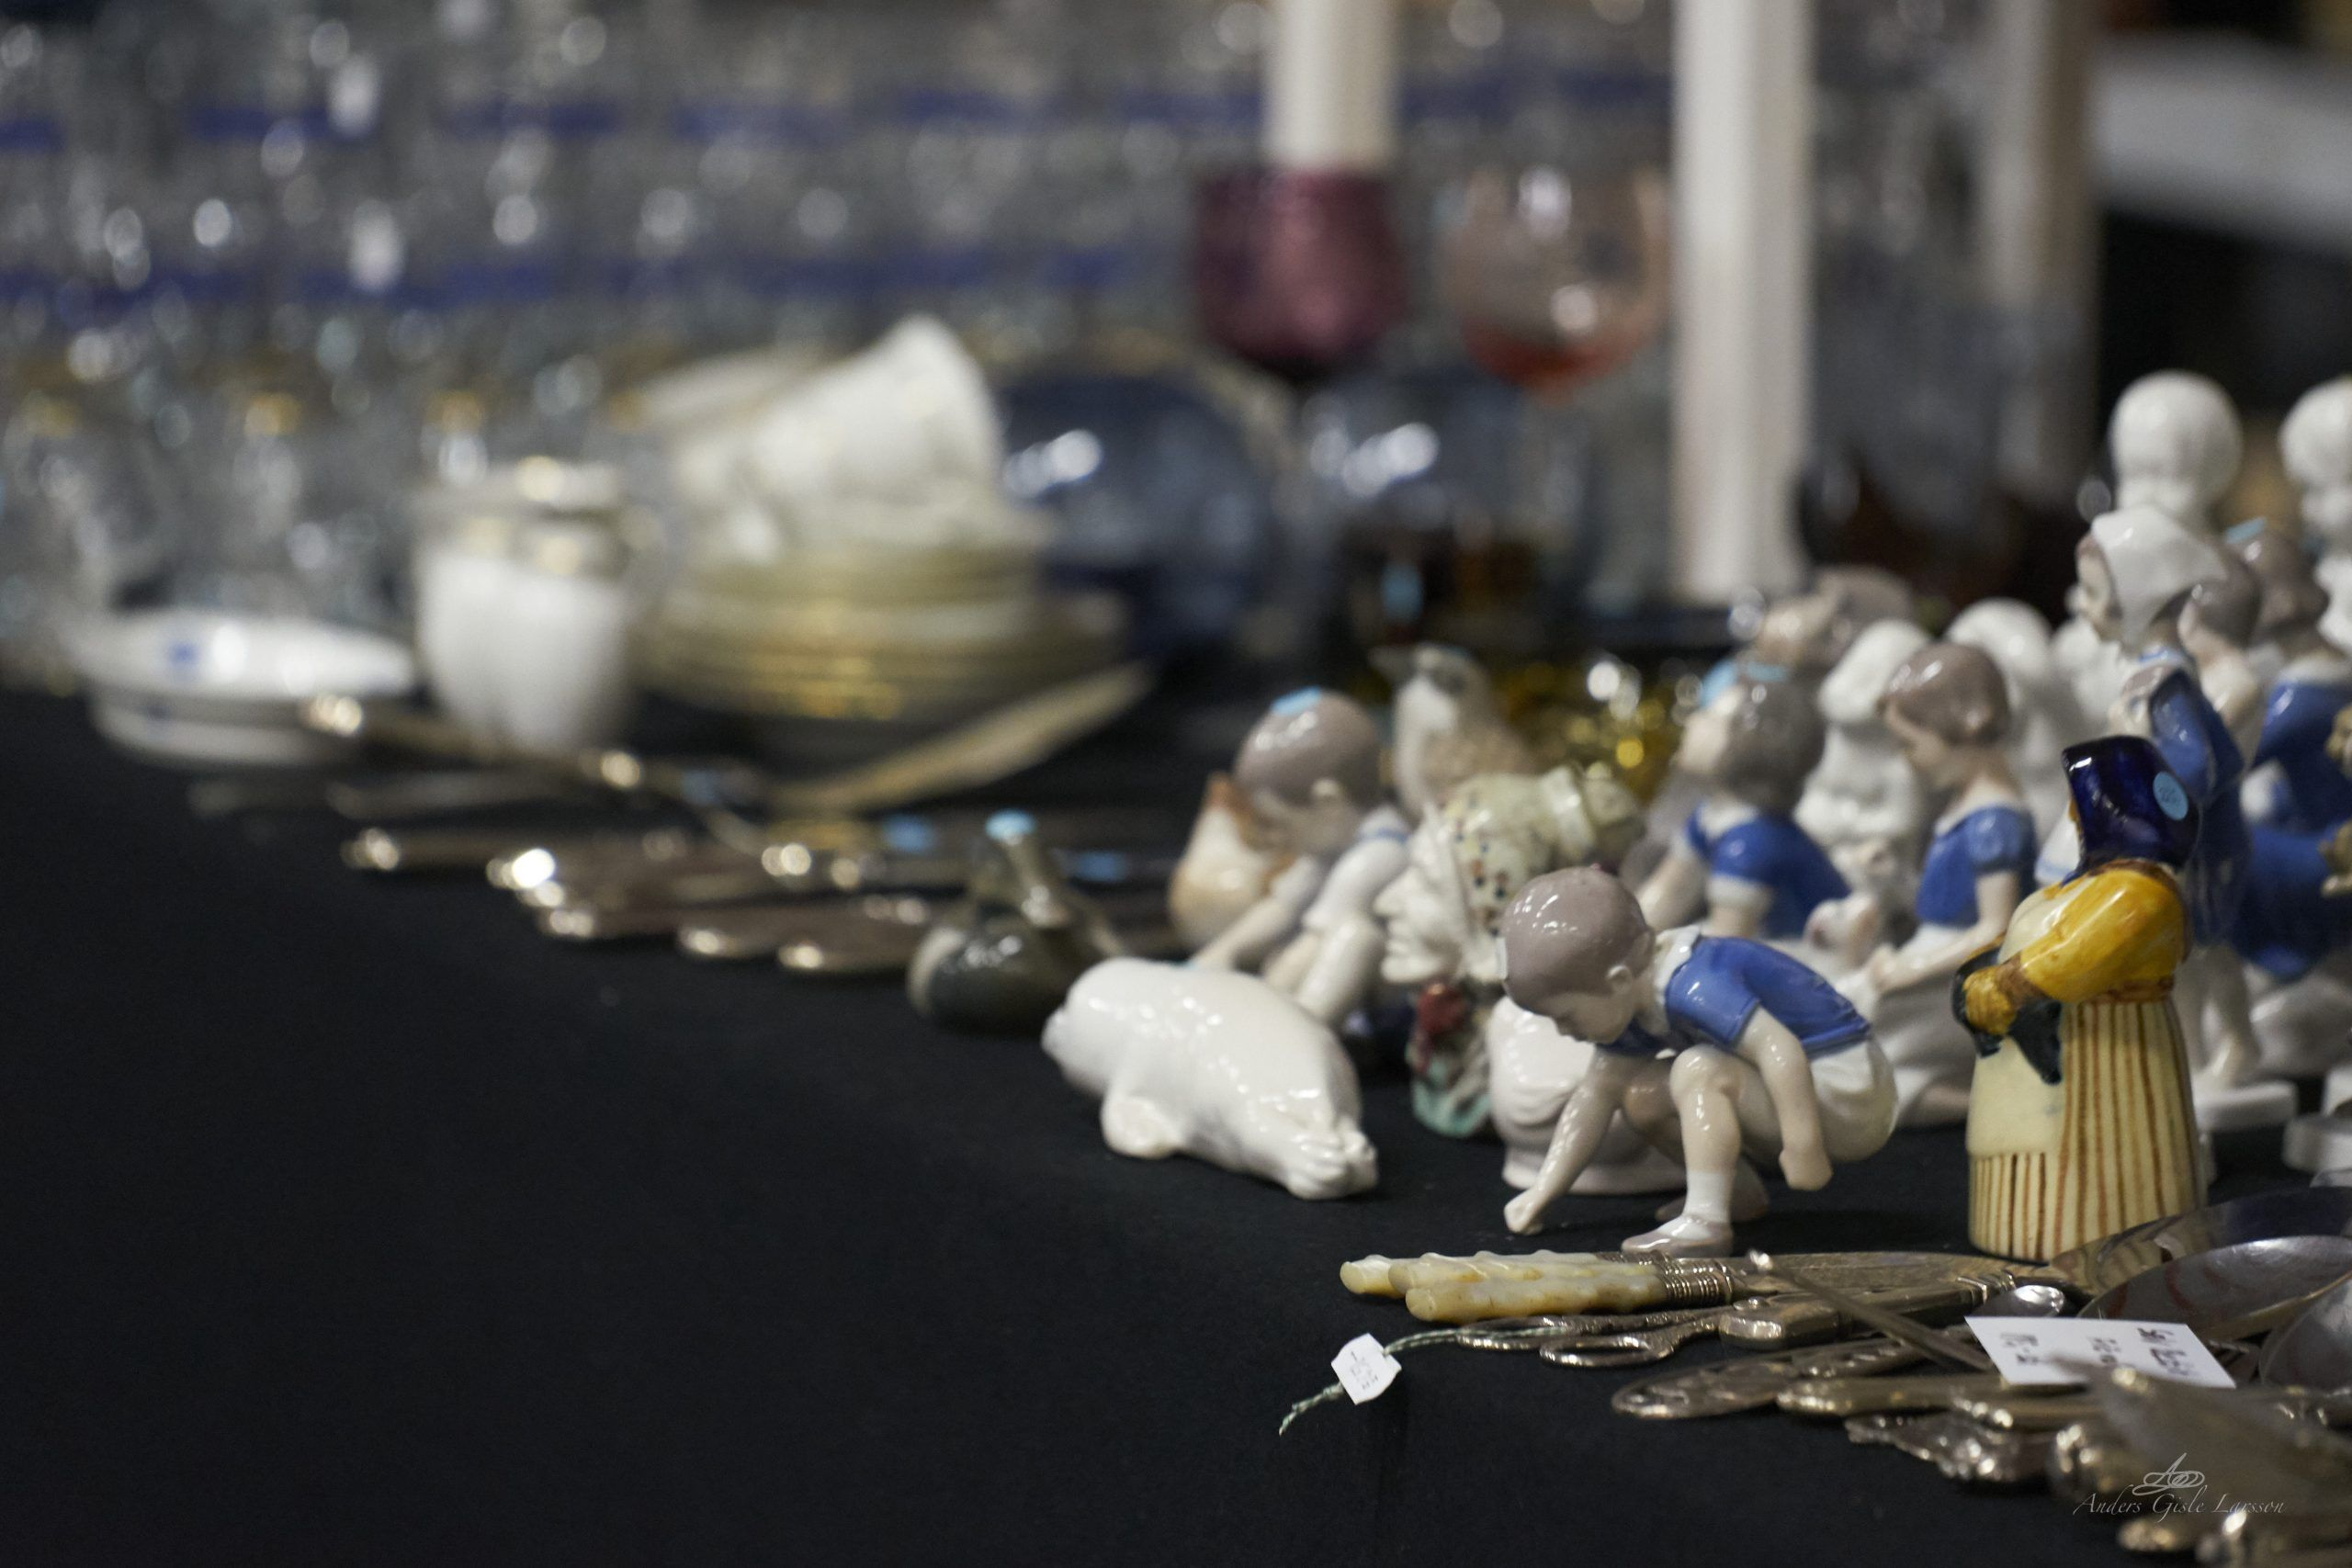 Skrammel købes - Antikviteter sælges, Uge 39, Assentofthallen, Assentoft, Randers